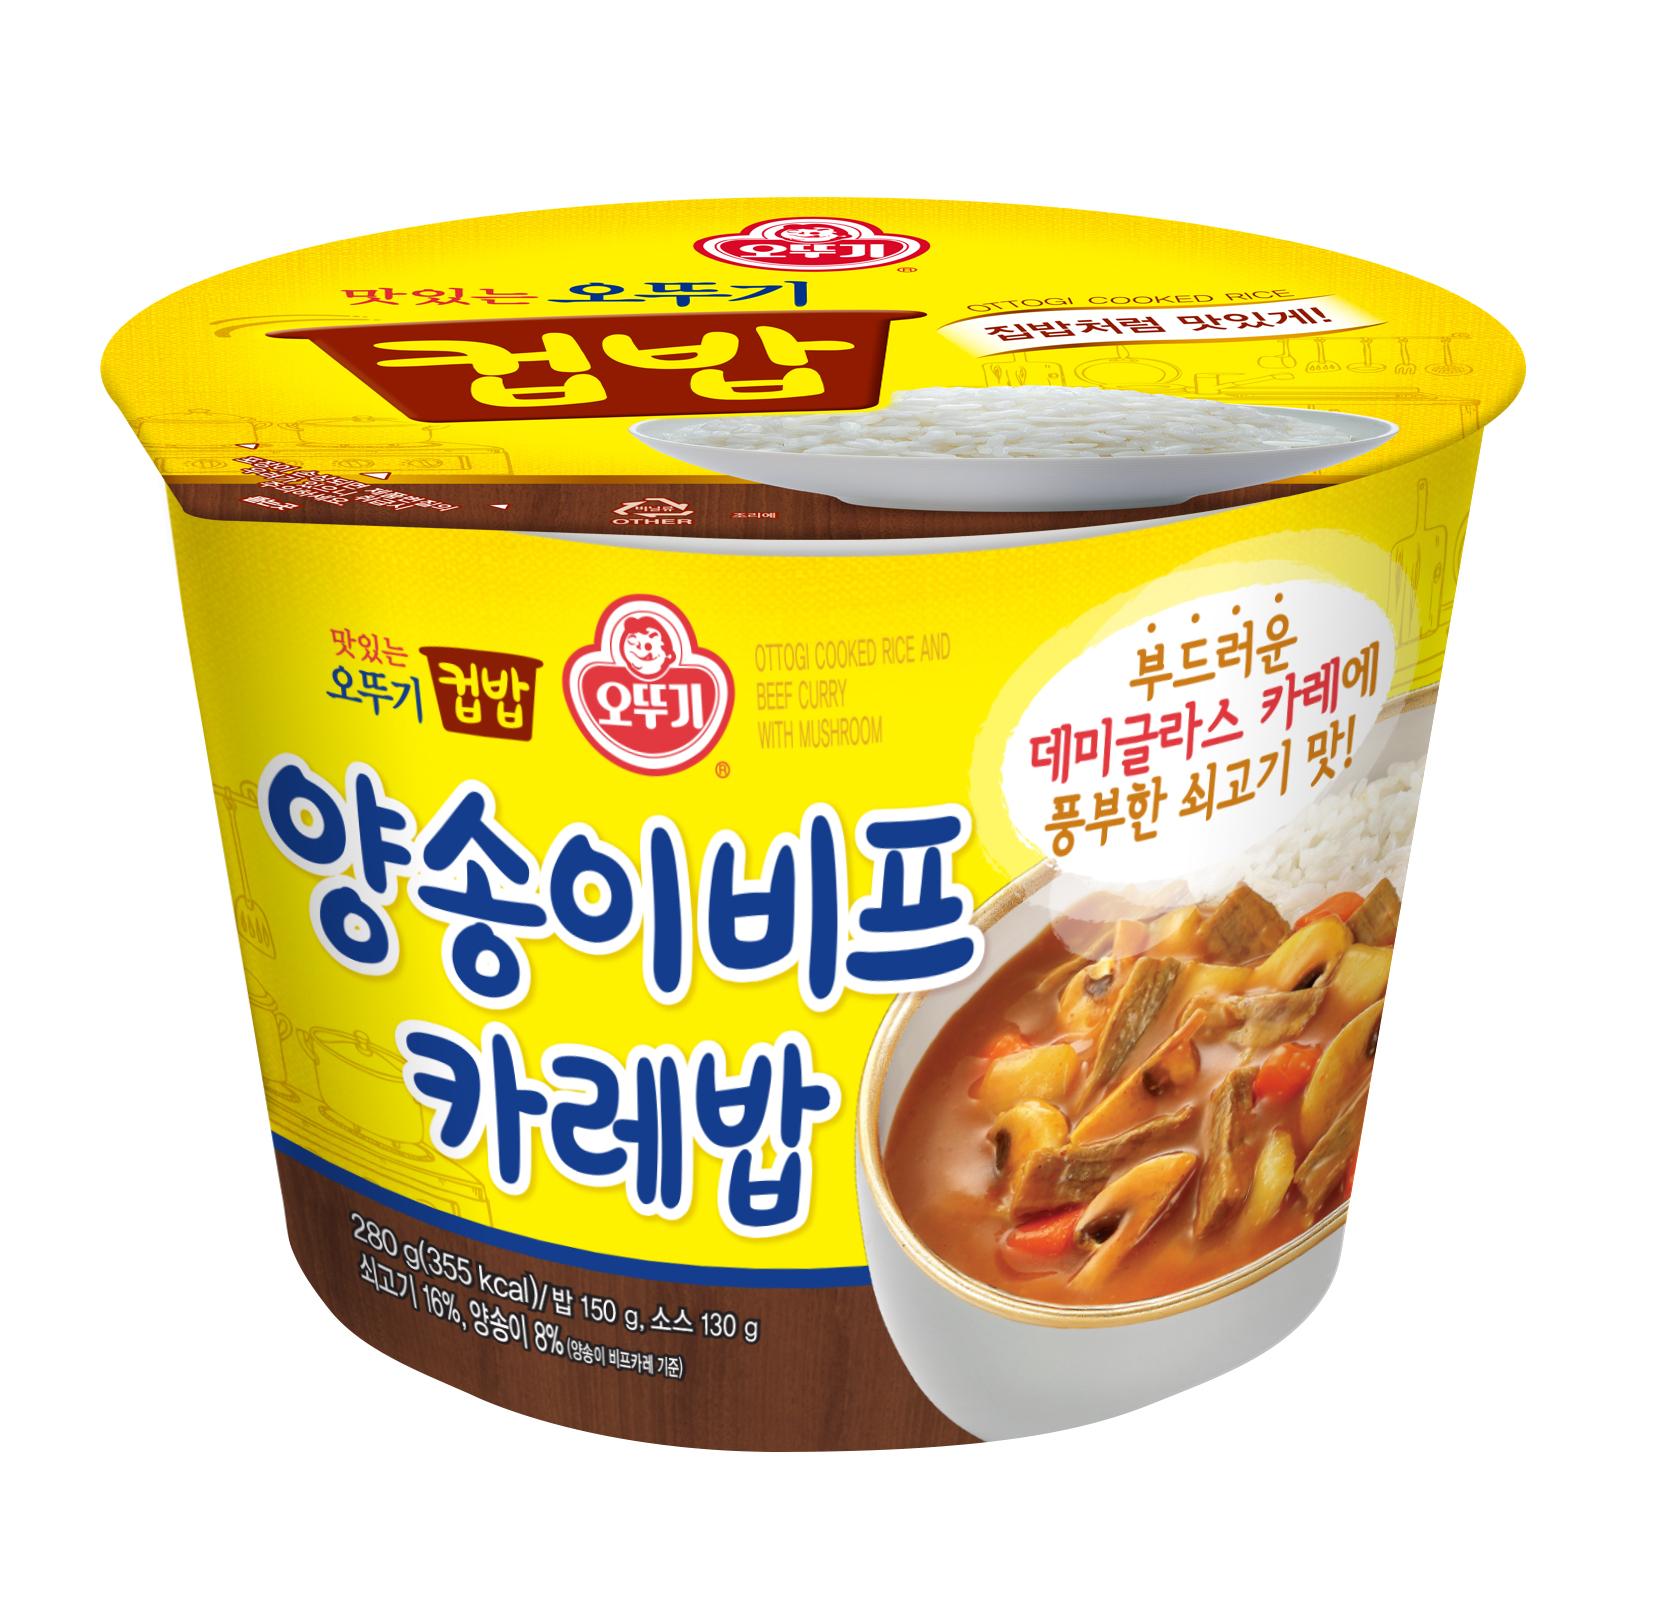 오뚜기 컵밥 양송이 비프 카레밥, 280g, 12개